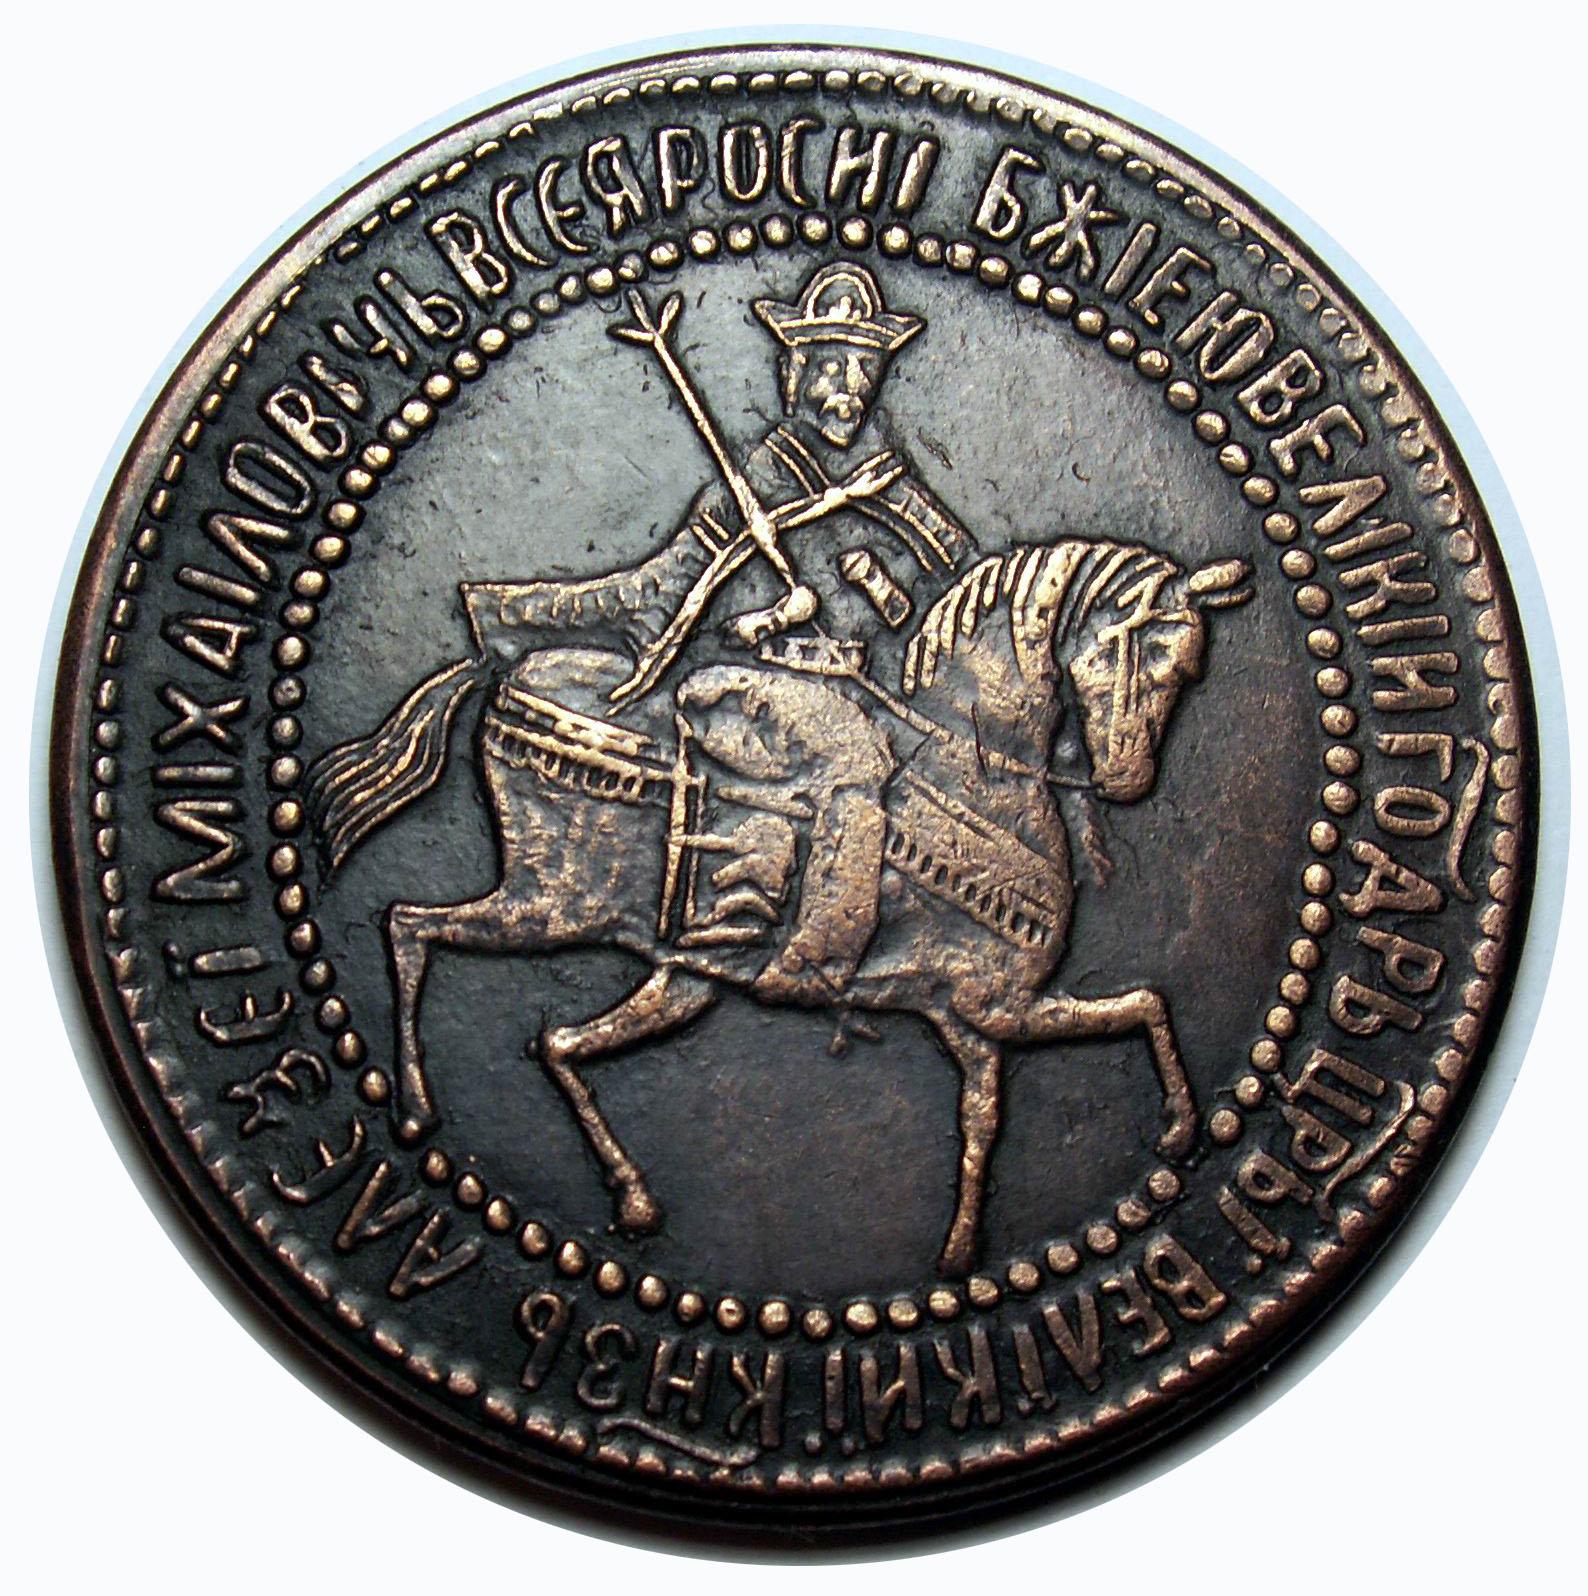 Рубль 1654 года цена монета 2 рубля ермолов 2012 цена